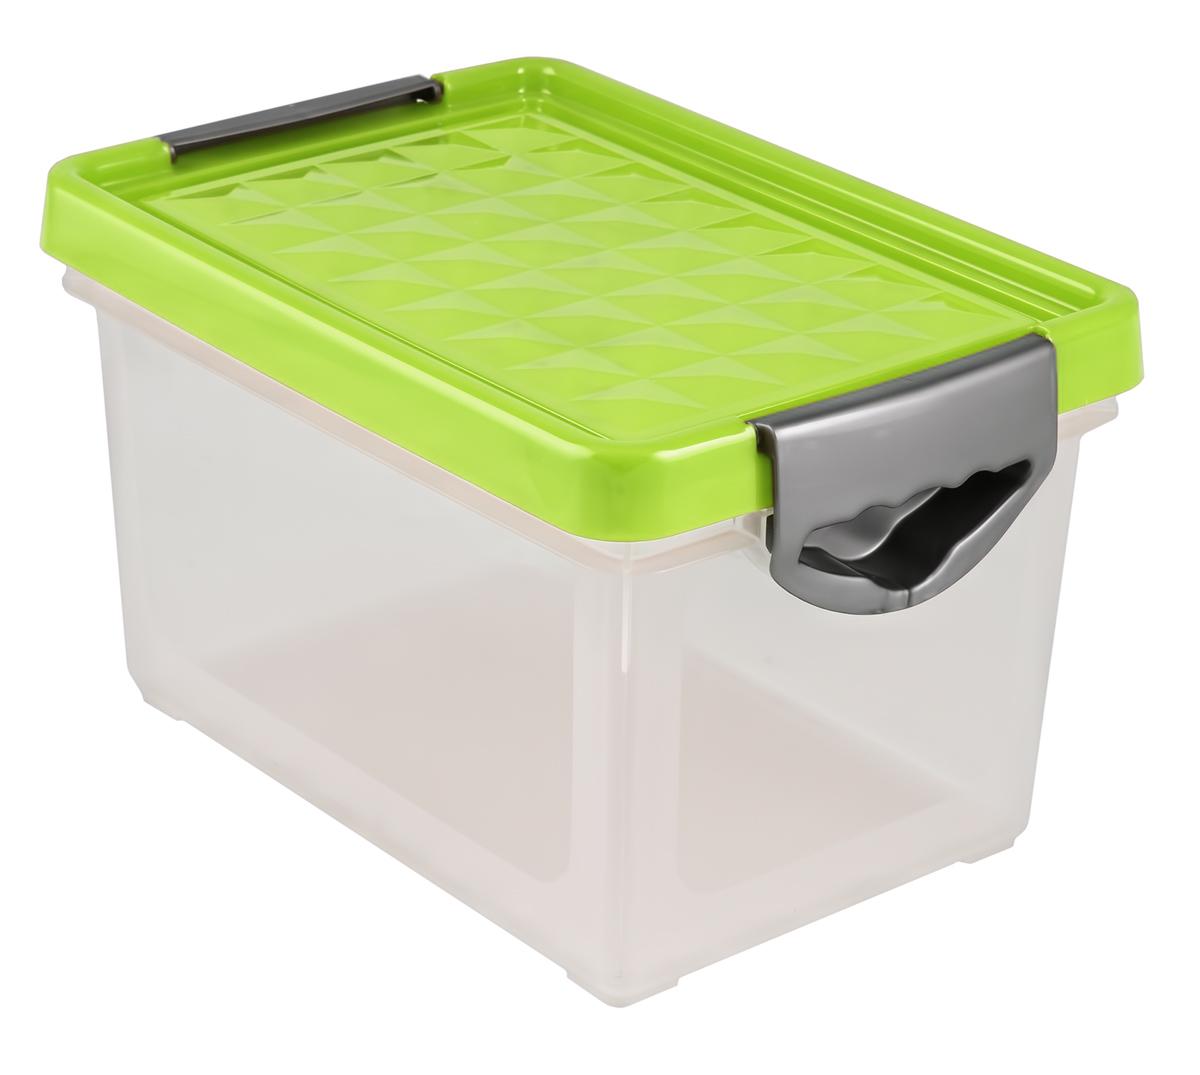 Ящик для хранения BranQ Systema, на колесиках, цвет: зеленый, прозрачный, 19 лBQ1002ЗЛПРУниверсальный ящик для хранения BranQ Systema, выполненный из прочного пластика, поможет правильно организовать пространство в доме и сэкономить место. В нем можно хранить все, что угодно: одежду, обувь, детские игрушки и многое другое. Прочный каркас ящика позволит хранить как легкие вещи, так и переносить собранный урожай овощей или фруктов. Изделие оснащено крышкой, которая защитит вещи от пыли, грязи и влаги. Эргономичные ручки-защелки, позволяют переносить ящик как с крышкой, так и без нее.